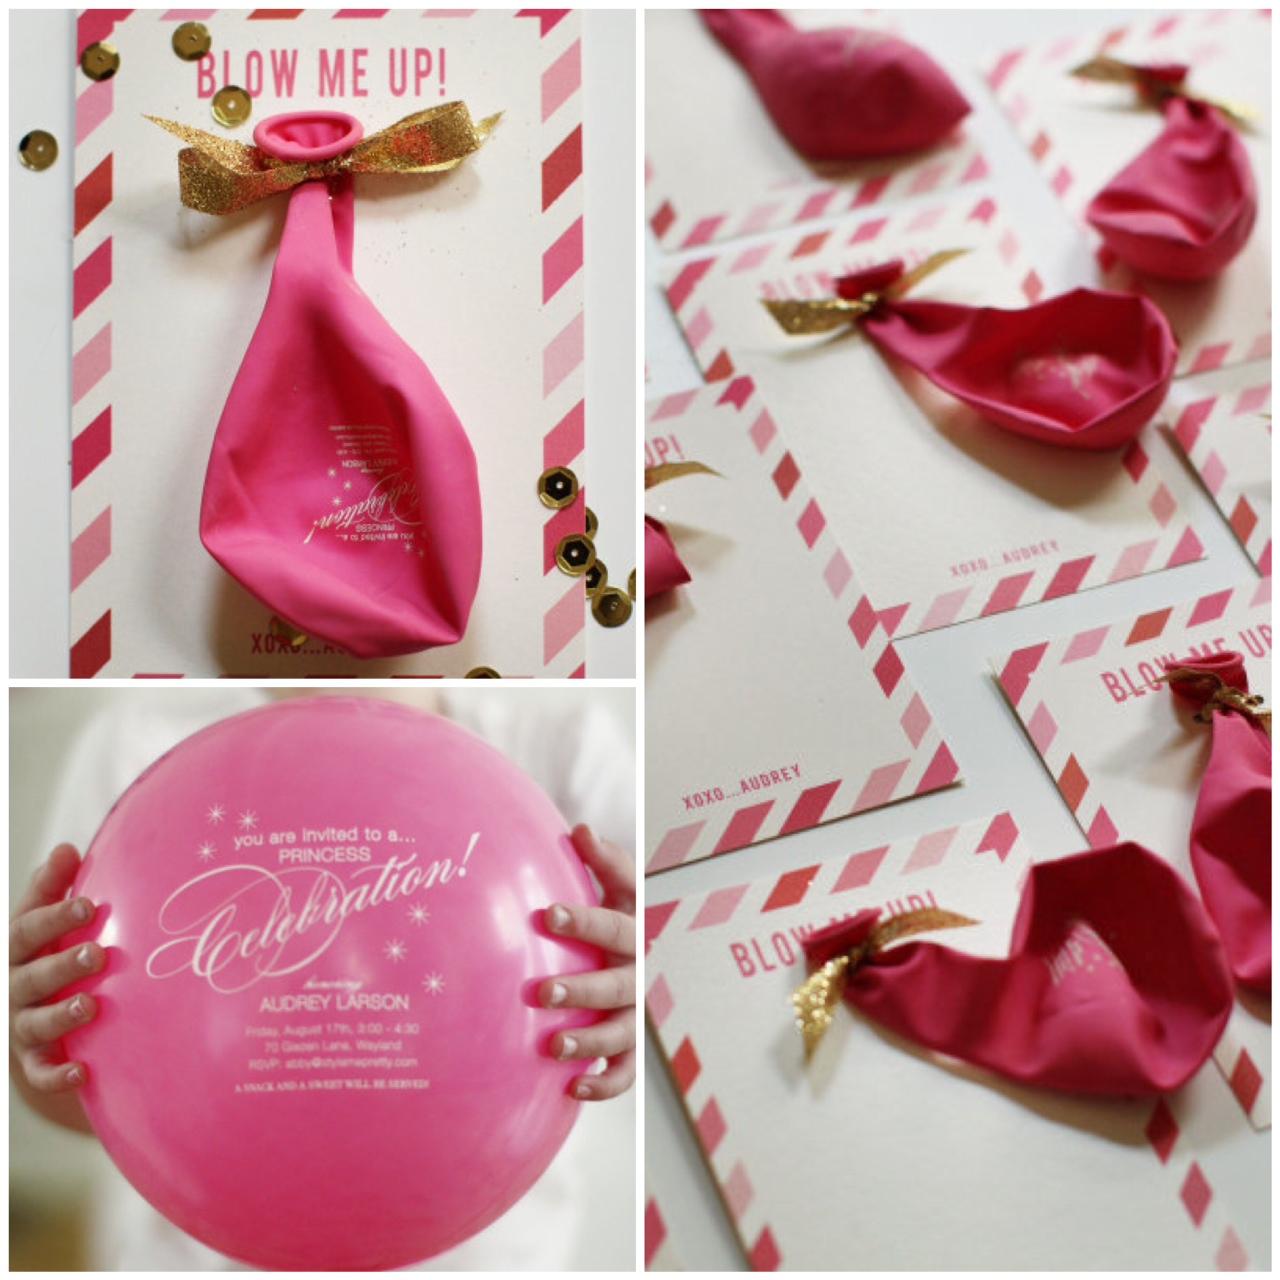 Balloon Invitations | Balloon Invitations Pictures